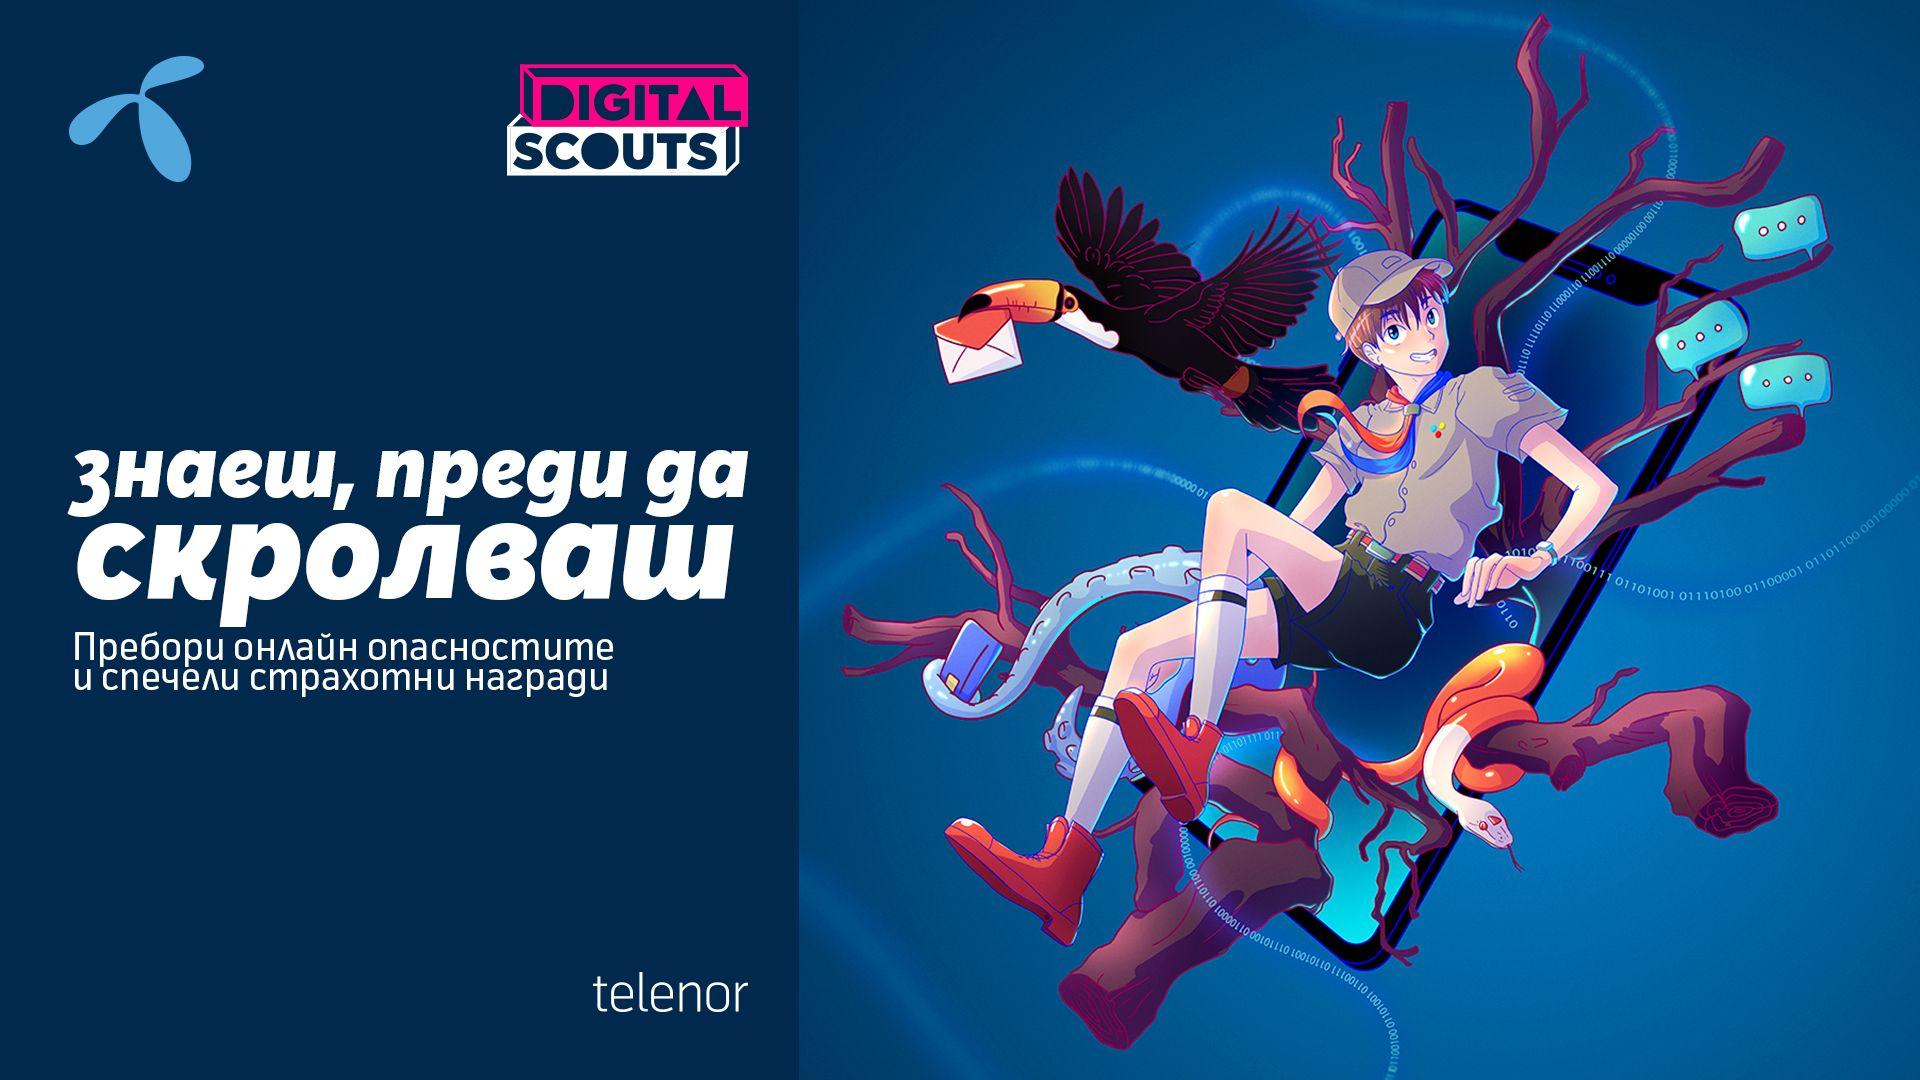 """""""Знаеш, преди да скролваш"""" - кампания за безопасността на децата в дигиталното пространство"""